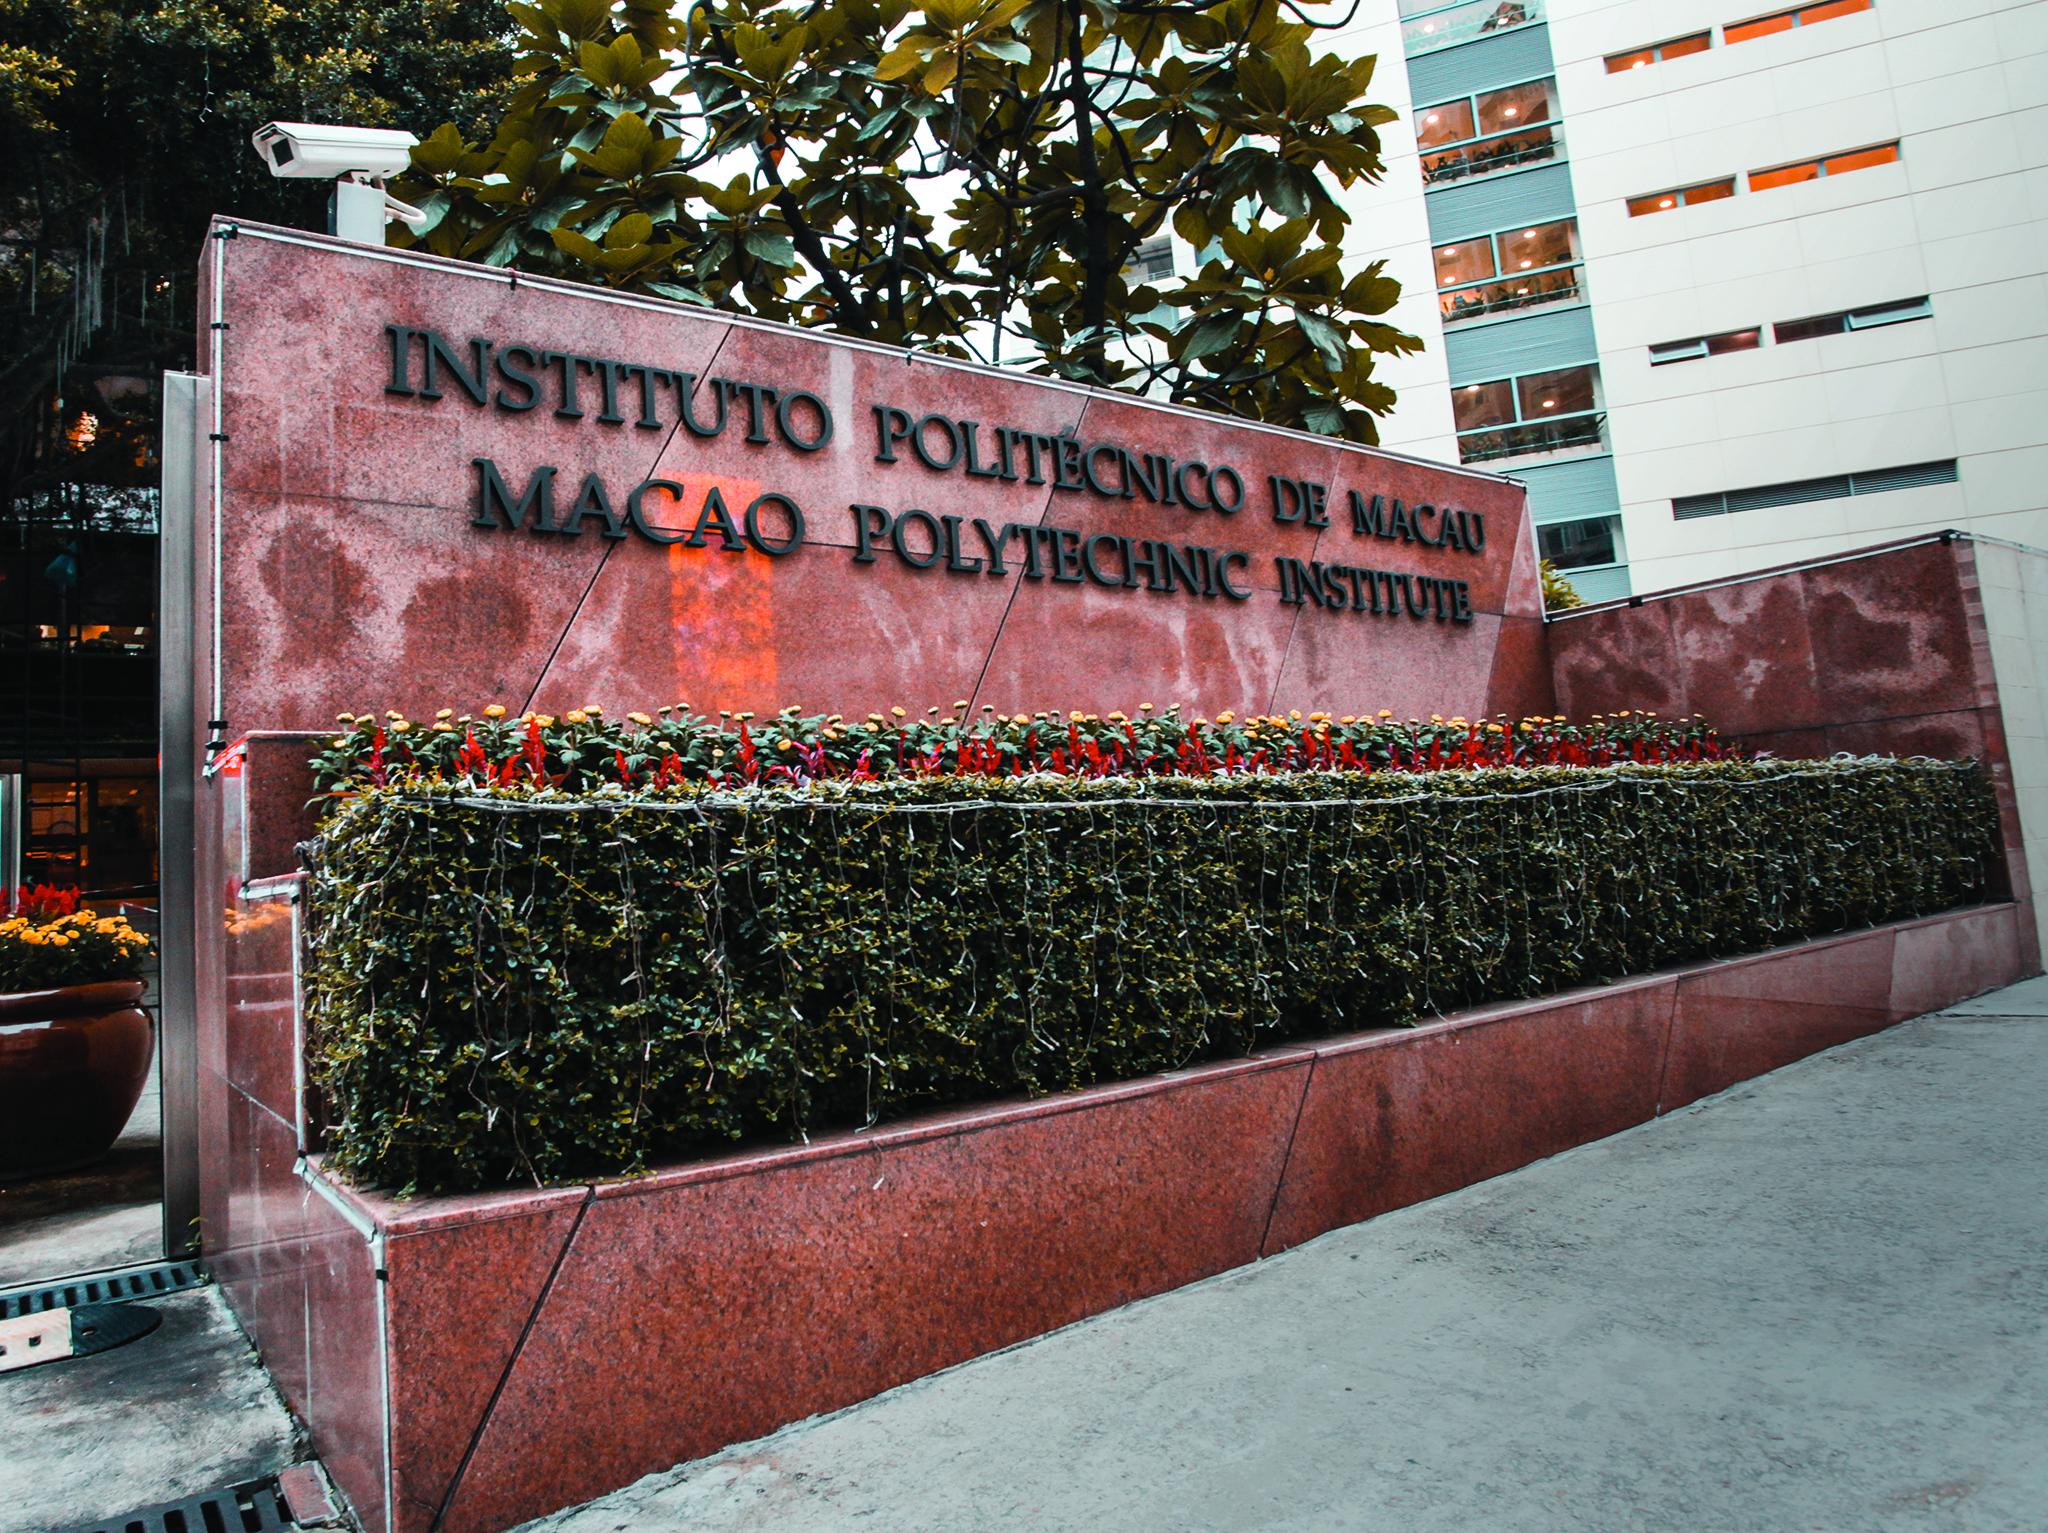 Governo vai realizar estudo sobre necessidades da tradução em 2018